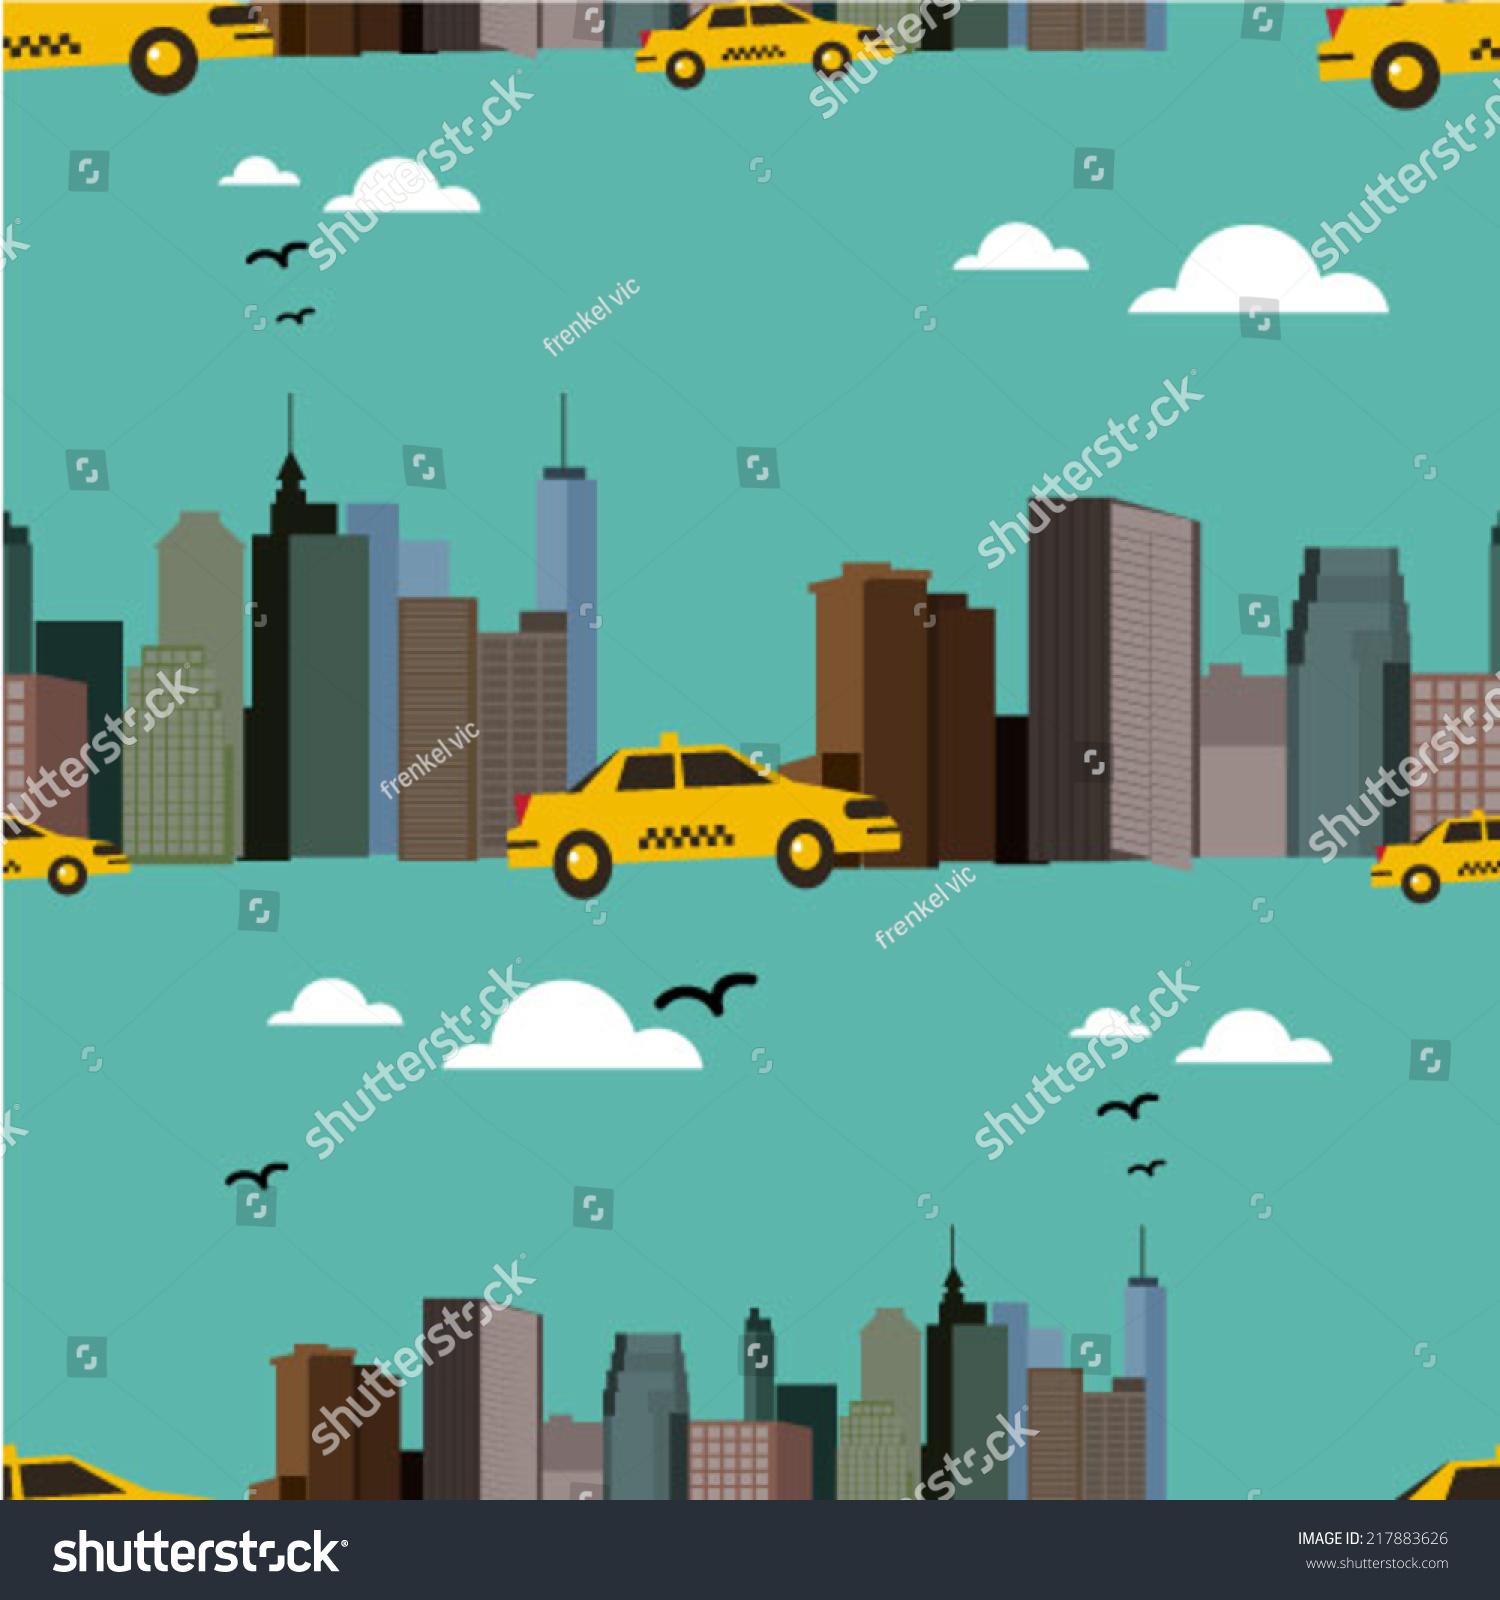 颜色的城市背景-建筑物/地标,背景/素材-海洛创意()-.